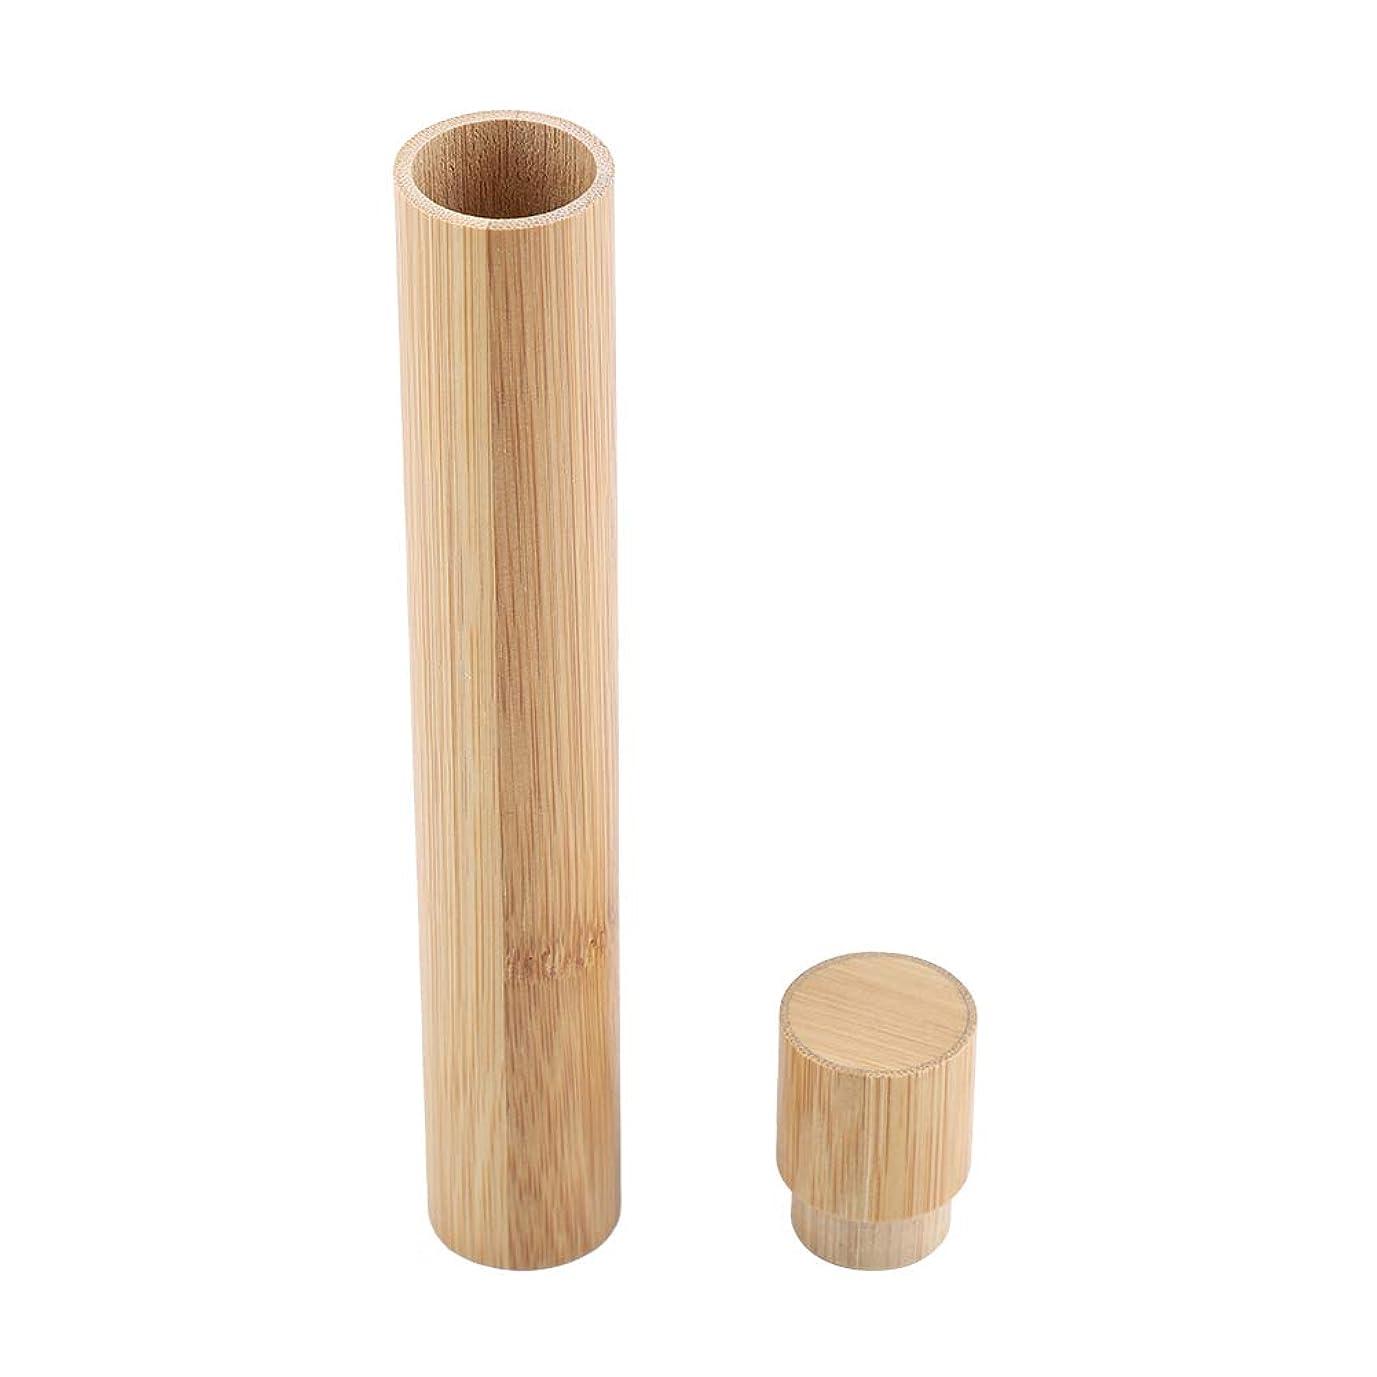 むしゃむしゃ幹ミリメーター歯ブラシケース ブラシホルダー ブラシ収納 ポータブル エコフレンドリー 木製 竹 トラベル用 プロテクト 収納ケース ブラシ保護